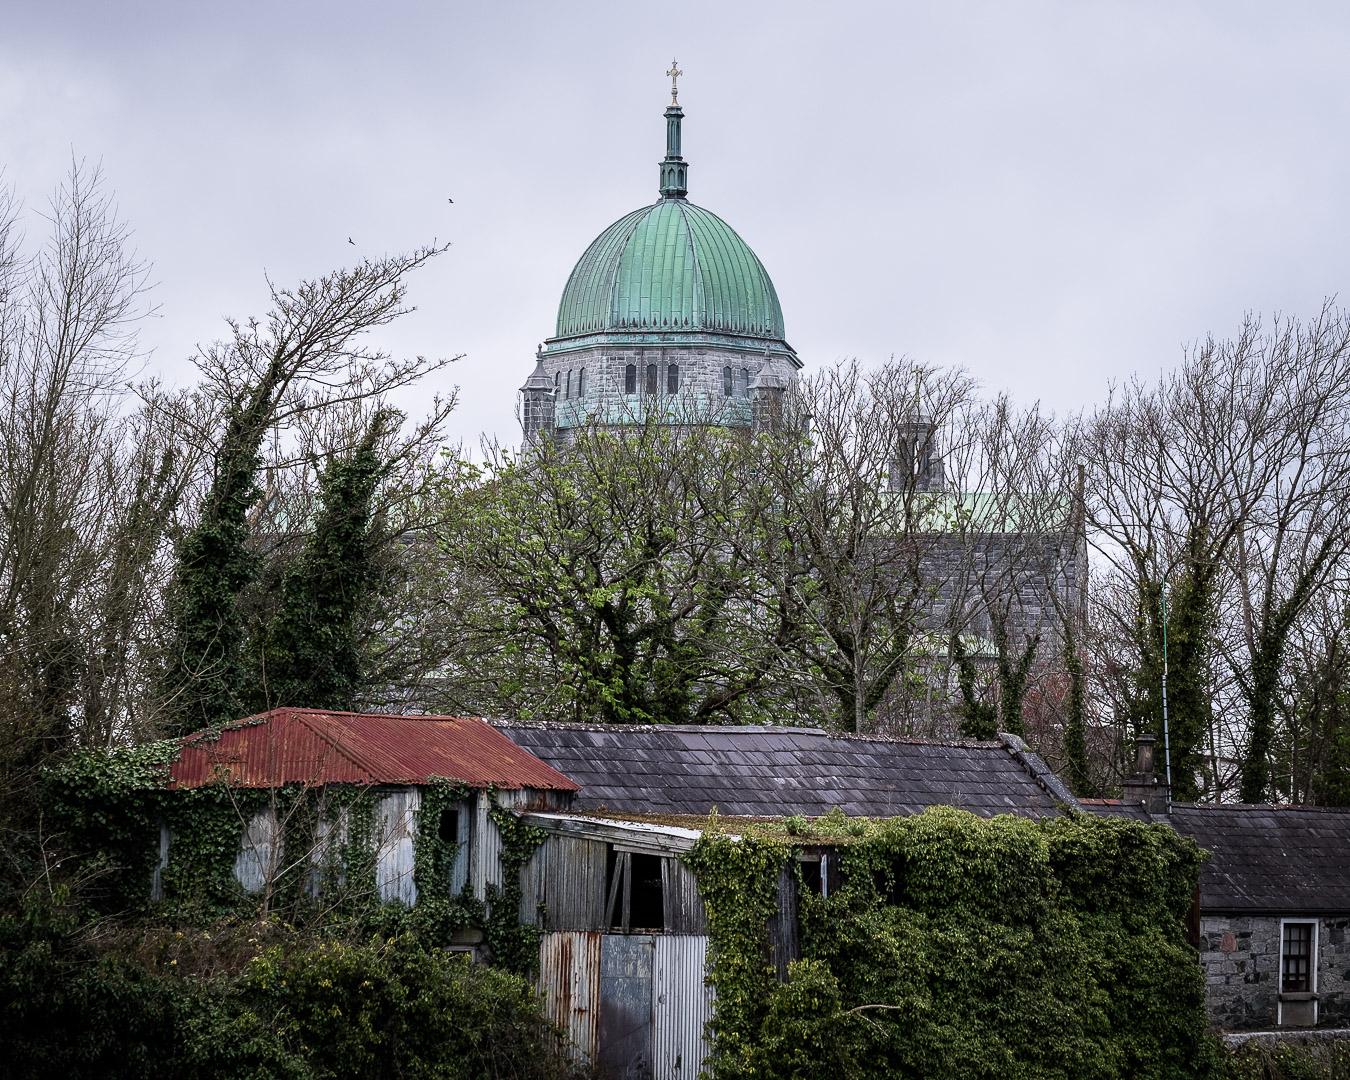 160407-Ireland-Galway_Moher-59-1080.jpg